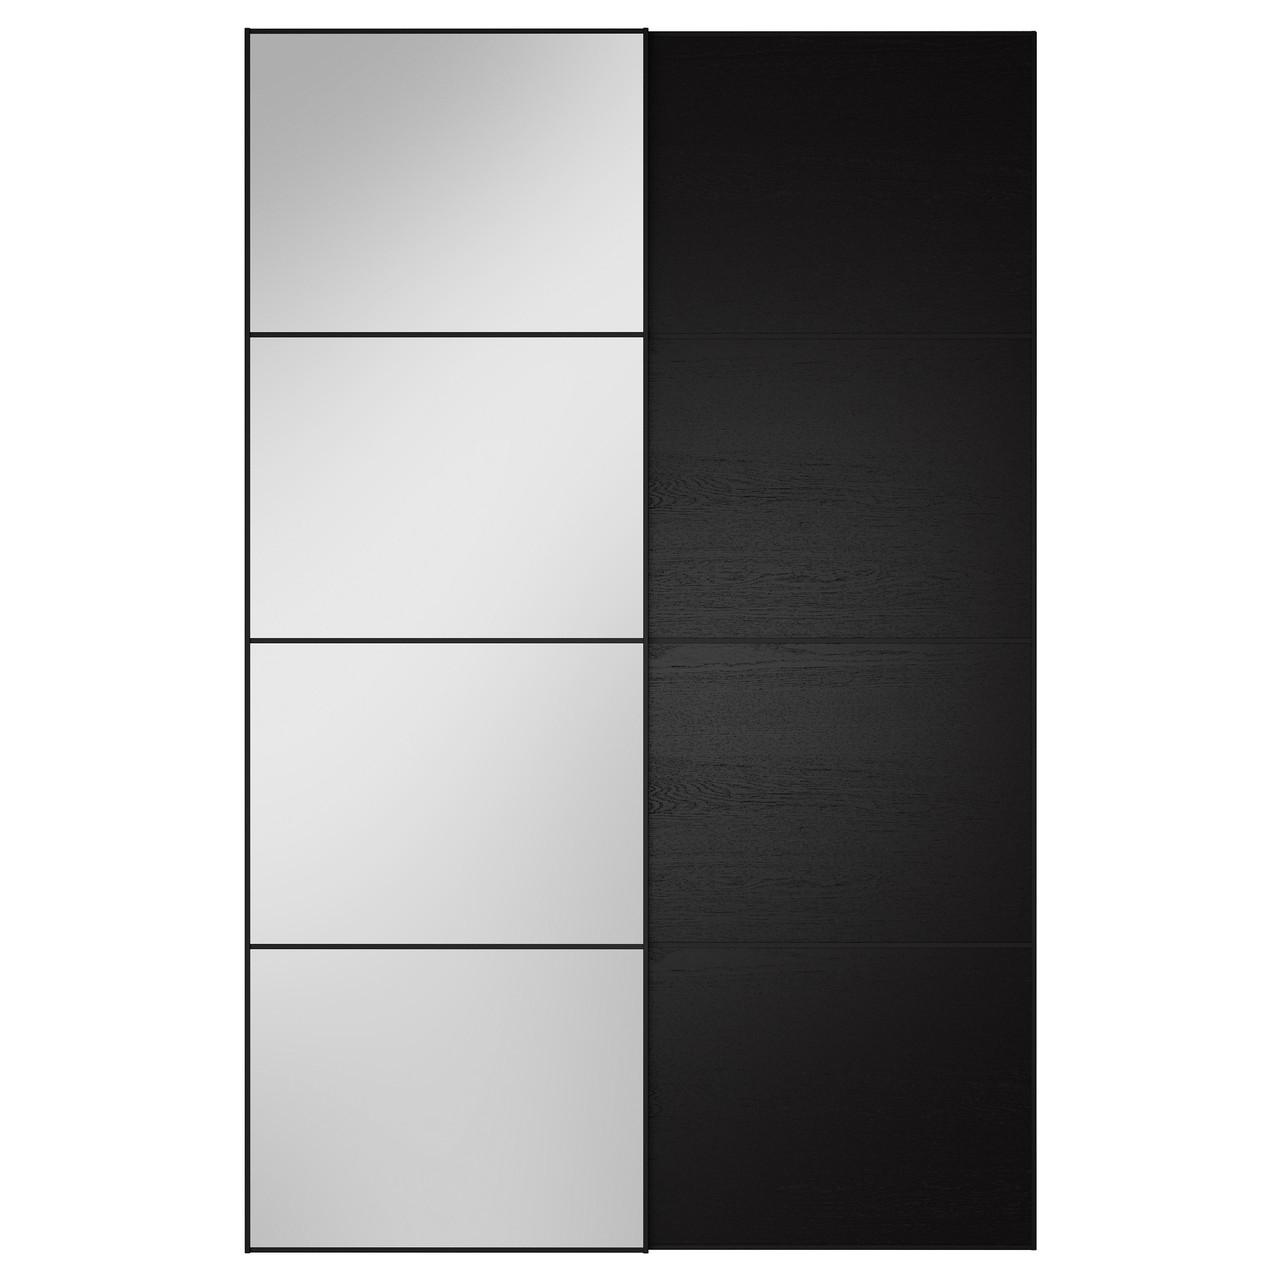 AULI / ILSENG Пара раздвижных дверей, зеркальное стекло, черно-коричневый 391.909.71